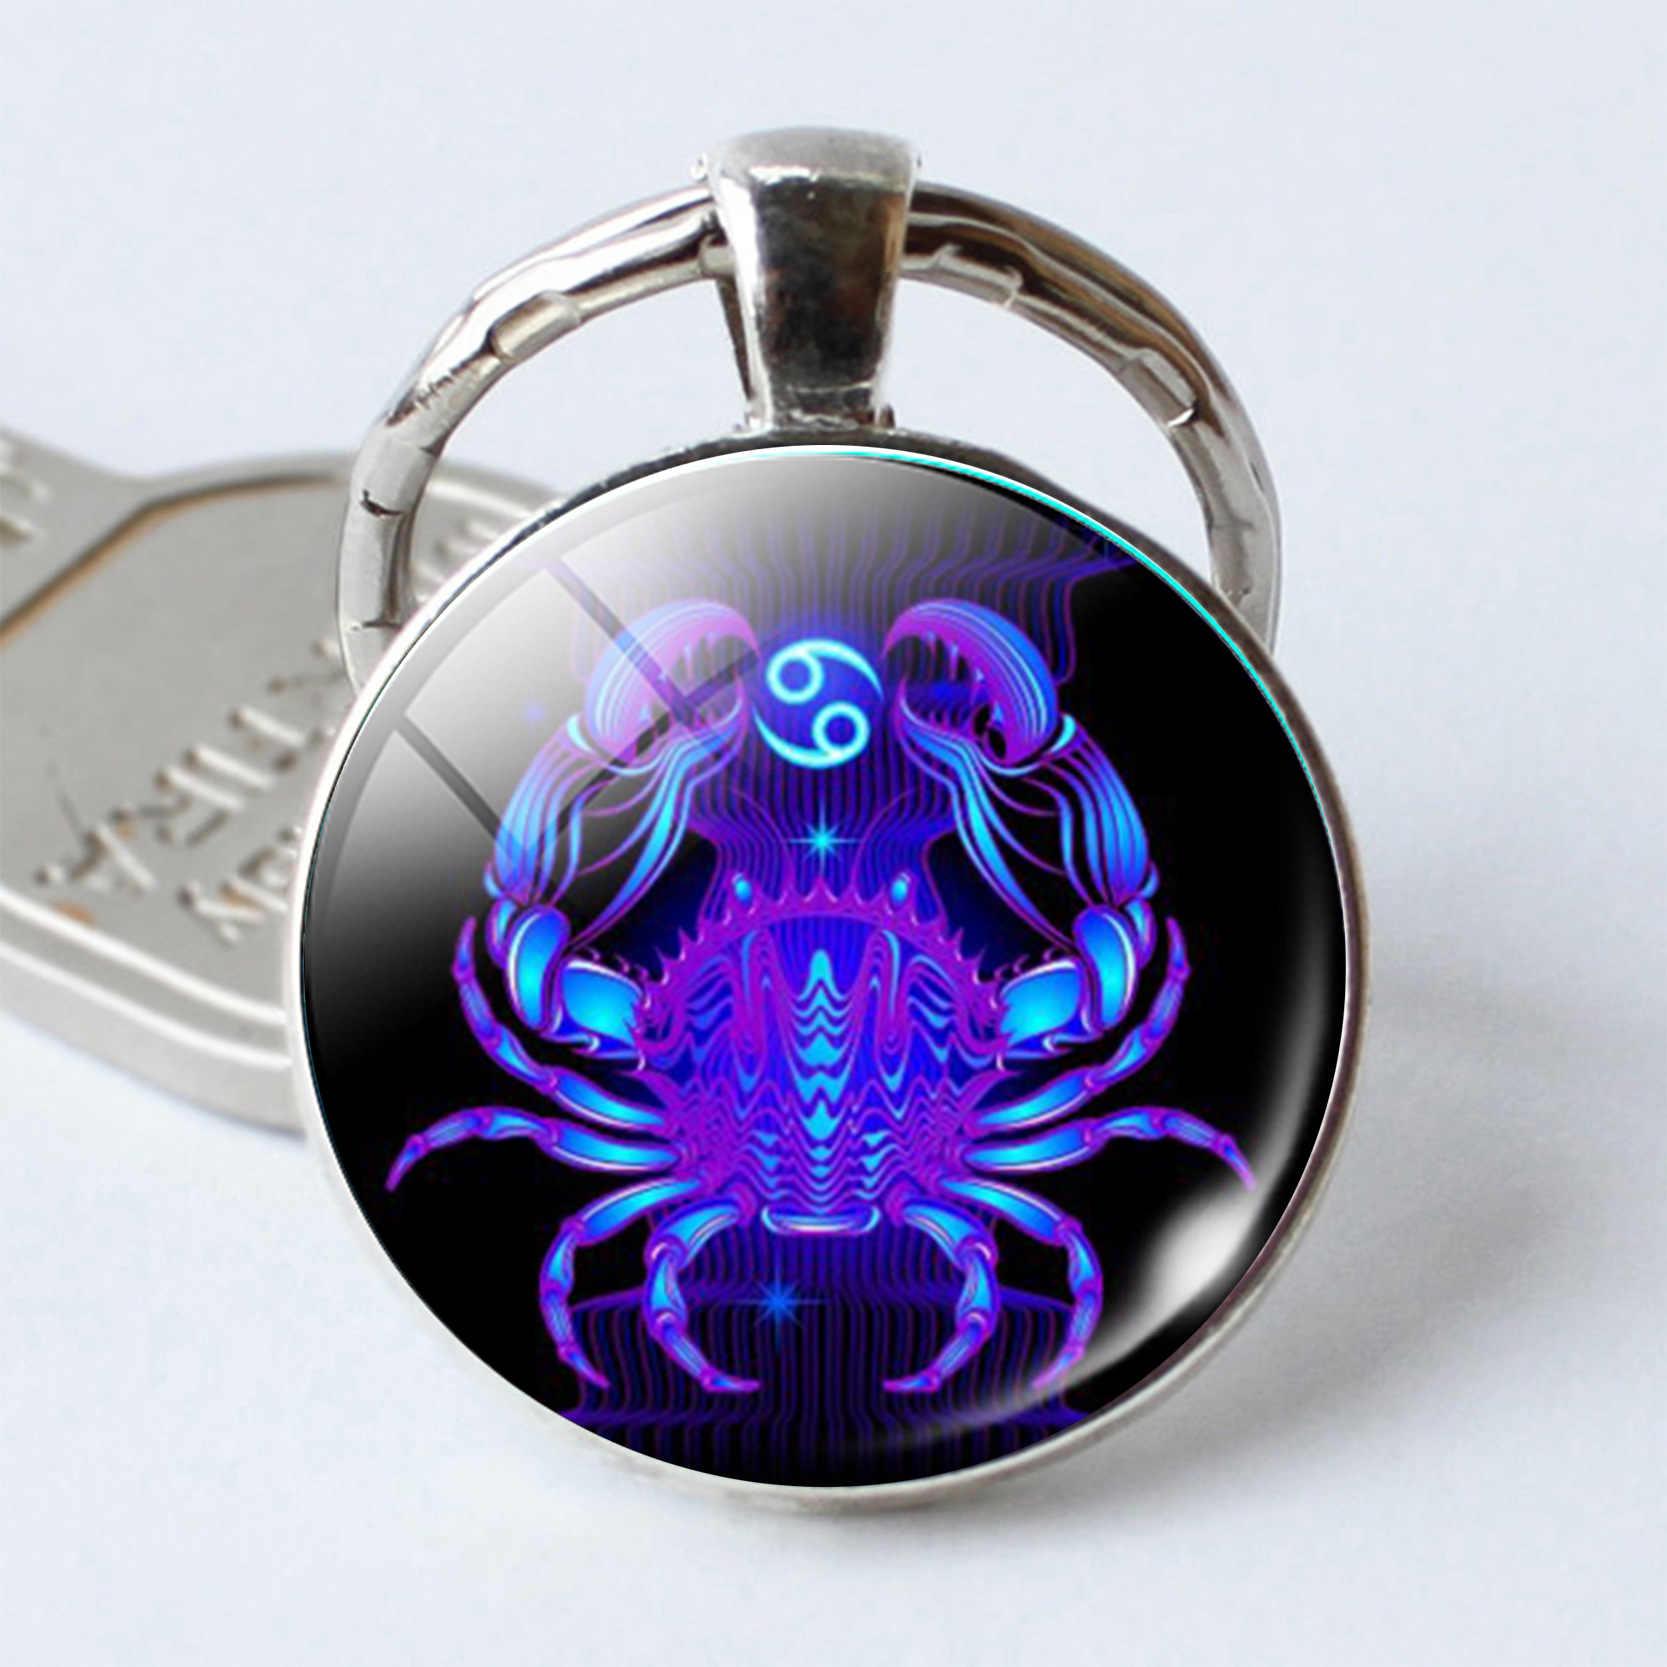 Signo do zodíaco Chaveiro 12 Constelação Leão Virgem Libra Escorpião Sagitário Pingente Dupla Face Chaveiro Chave